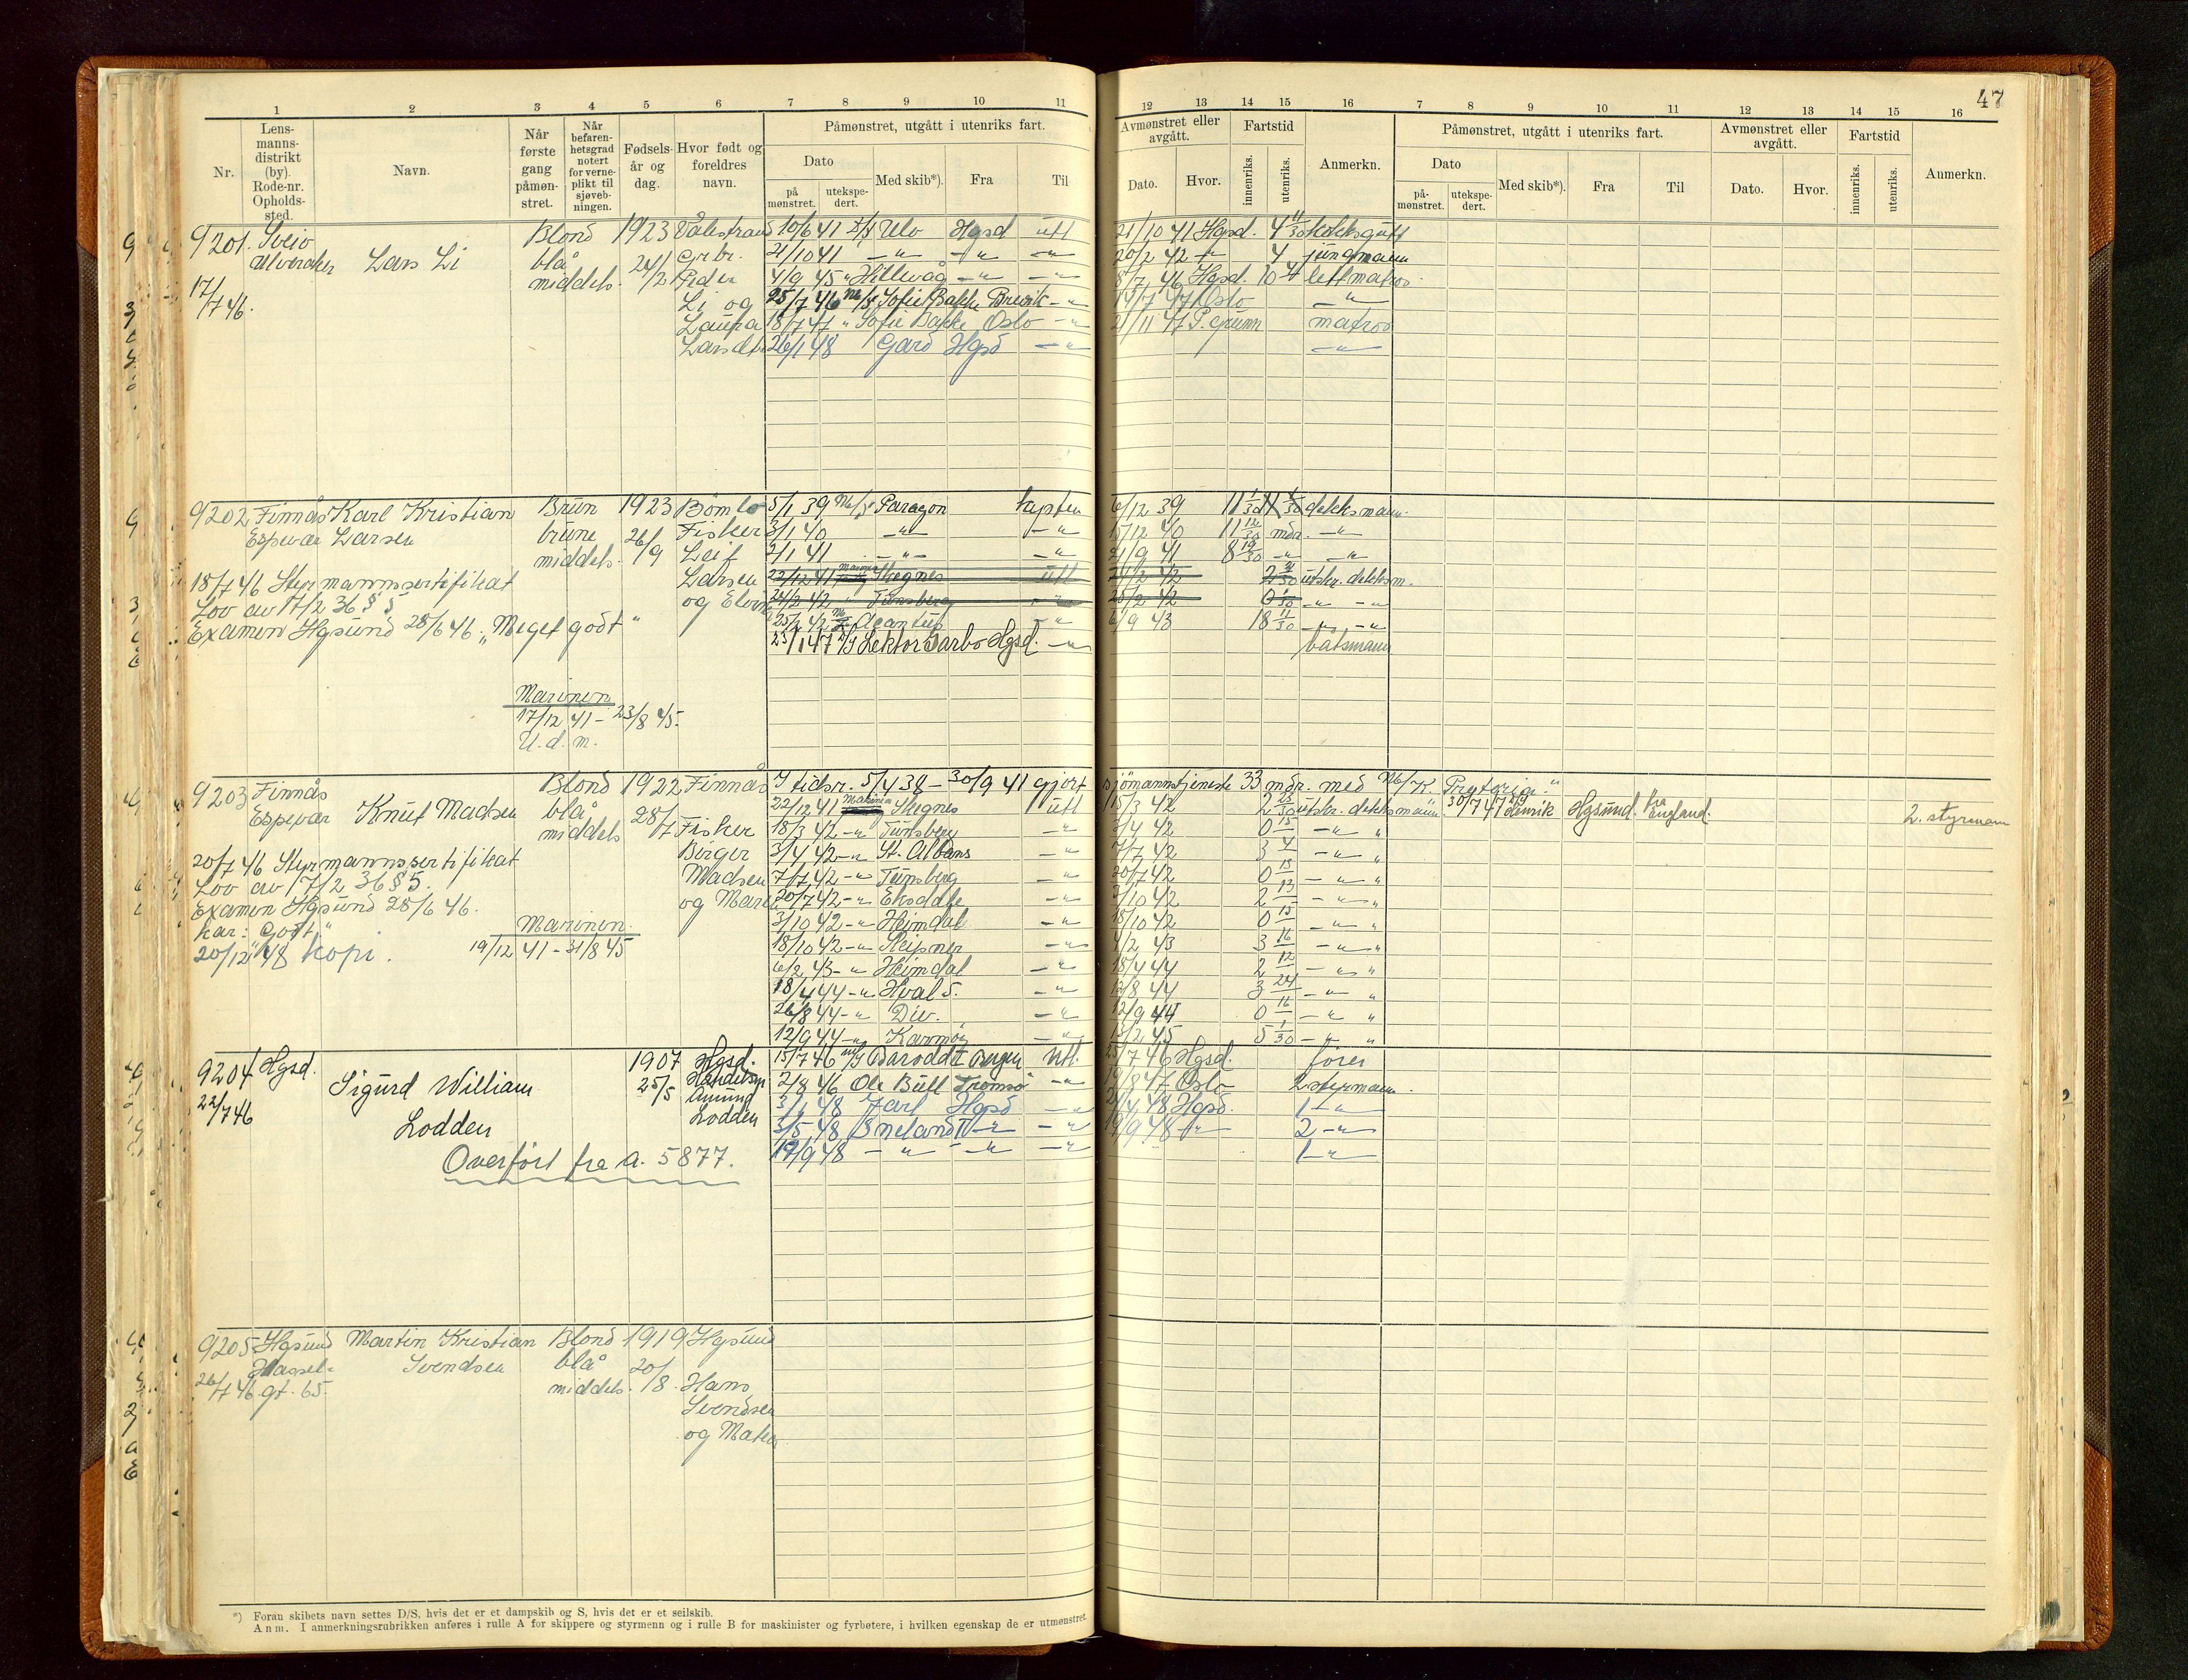 SAST, Haugesund sjømannskontor, F/Fb/Fbb/L0012: Sjøfartsrulle A Haugesund krets 2 nr. 8971-9629, 1868-1948, p. 47